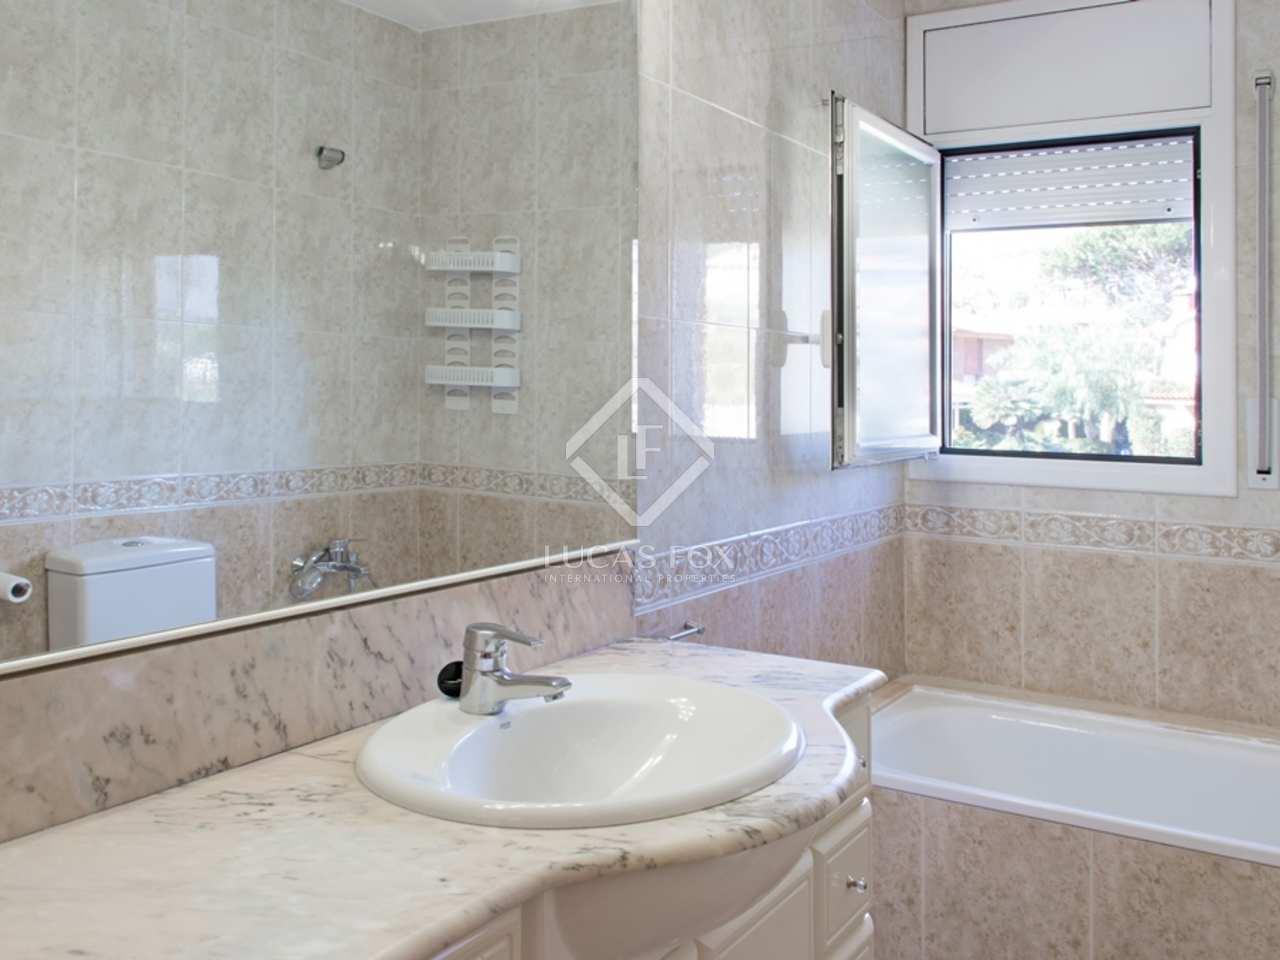 Casa adosada esquinera en alquiler con un jard n privado y for Alquiler casa con jardin barcelona